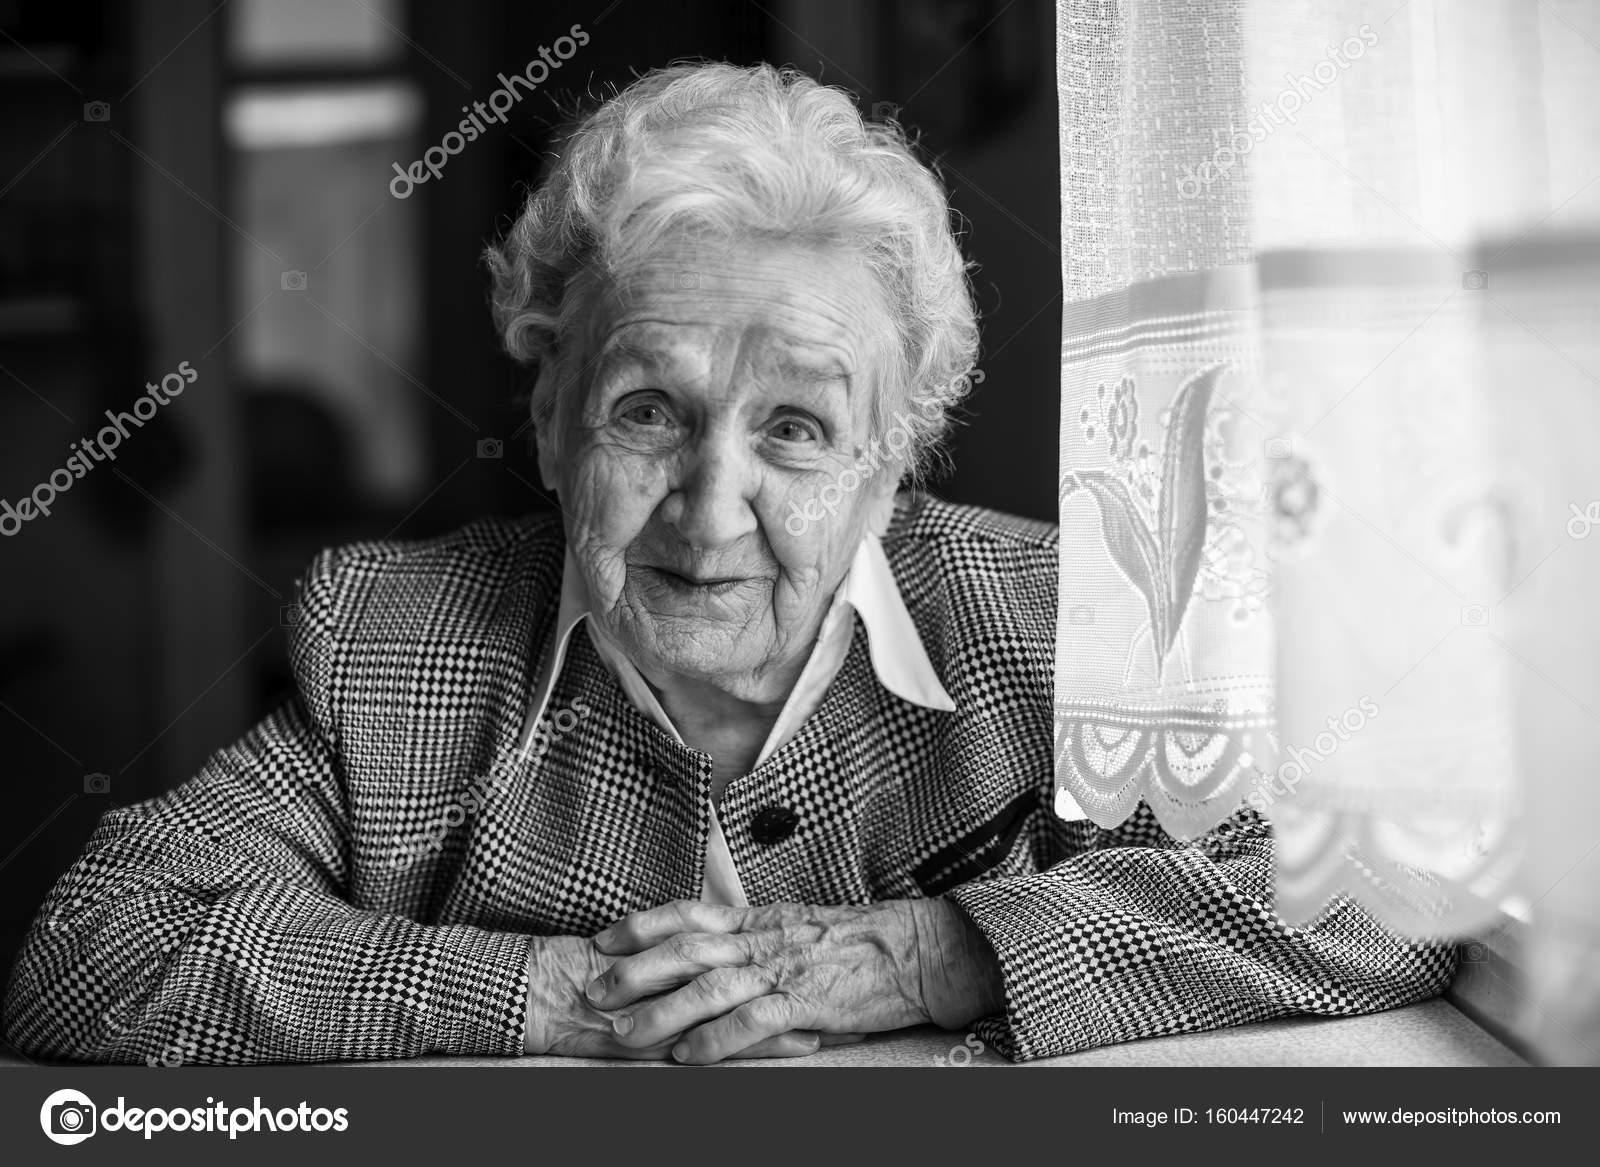 50b909b025 az idős asszony fekete-fehér portré — Stock Fotó © dimaberkut #160447242